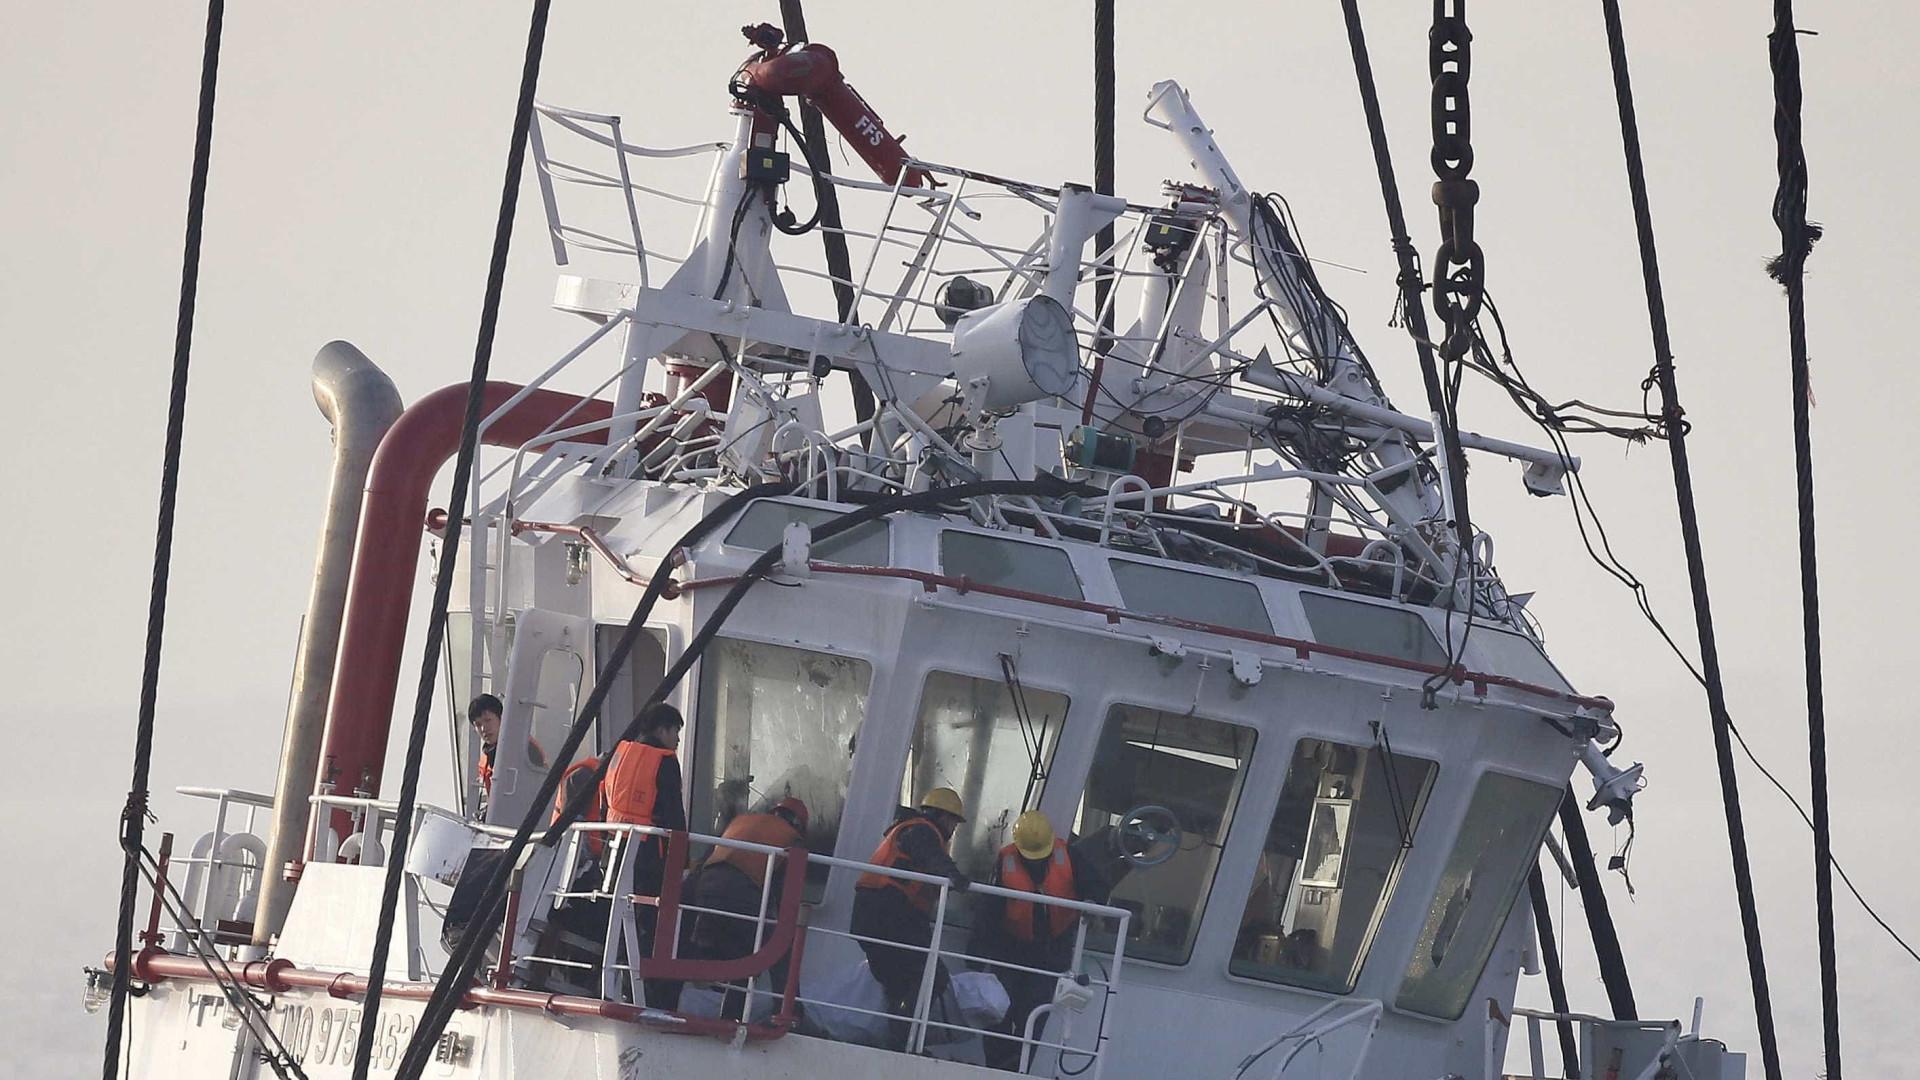 Governo coopera com autoridades francesas sobre embarcação apreendida